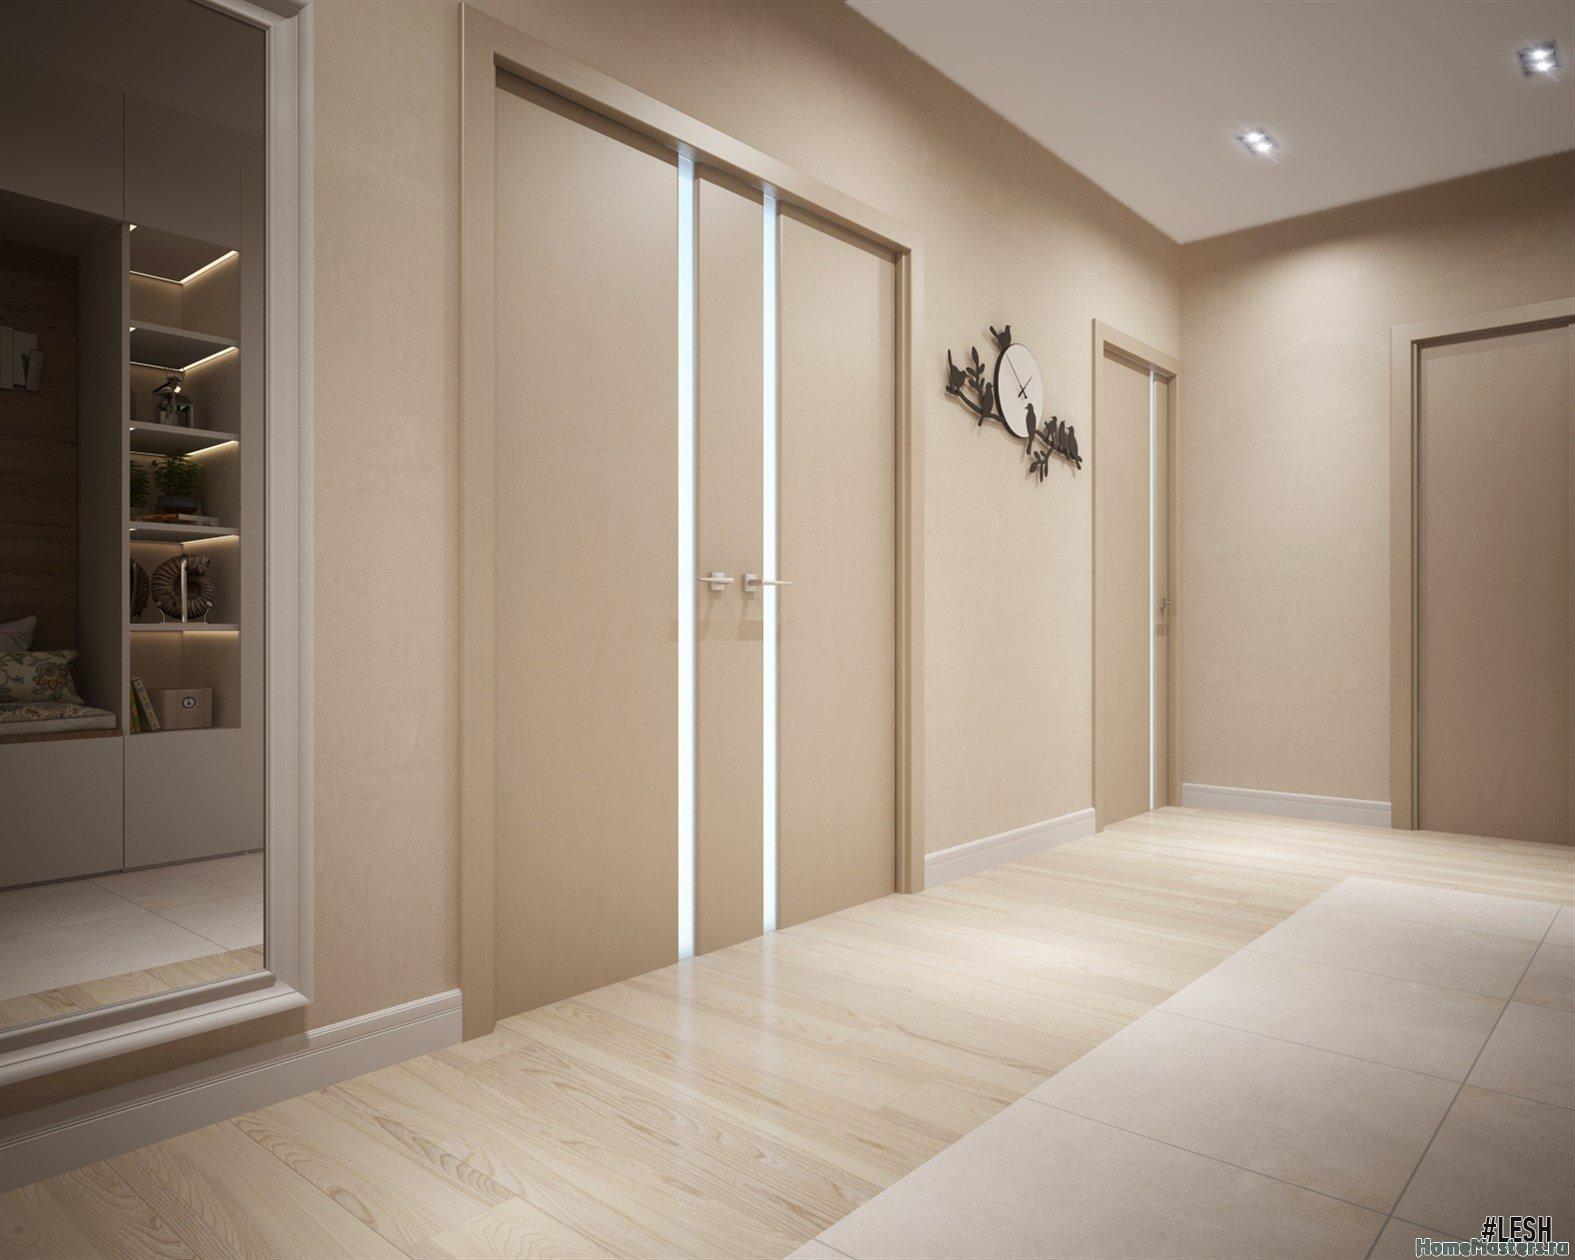 фото коридора в квартире со светлым полом кмб, правда, нам